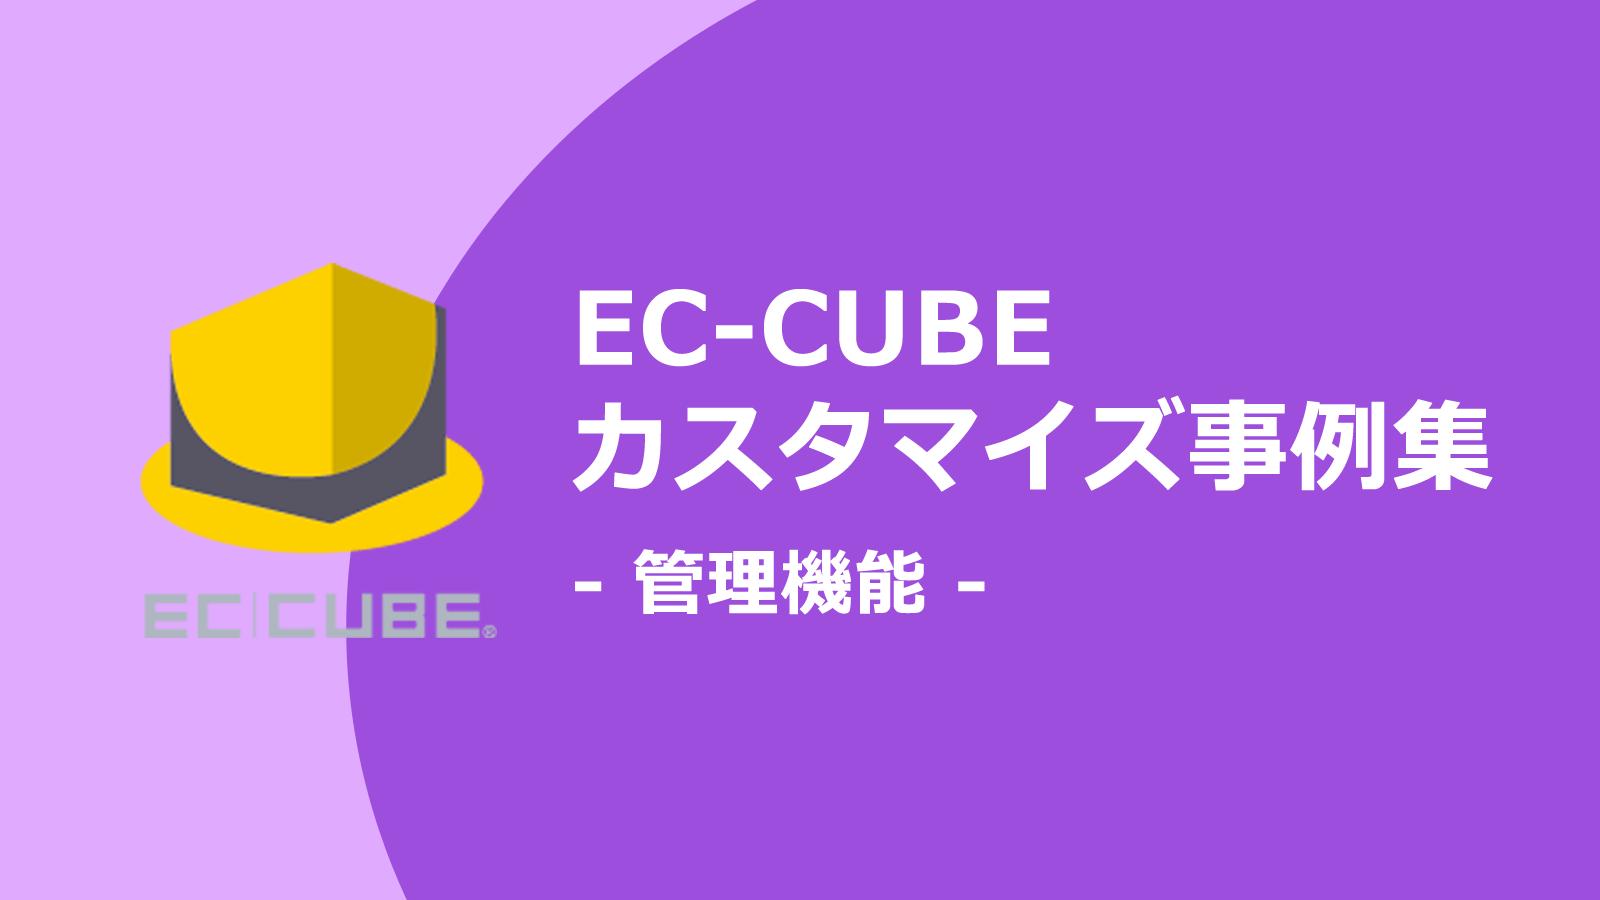 管理画面をカスタマイズすれば業務効率アップする。管理機能関連のEC-CUBEカスタマイズ事例集